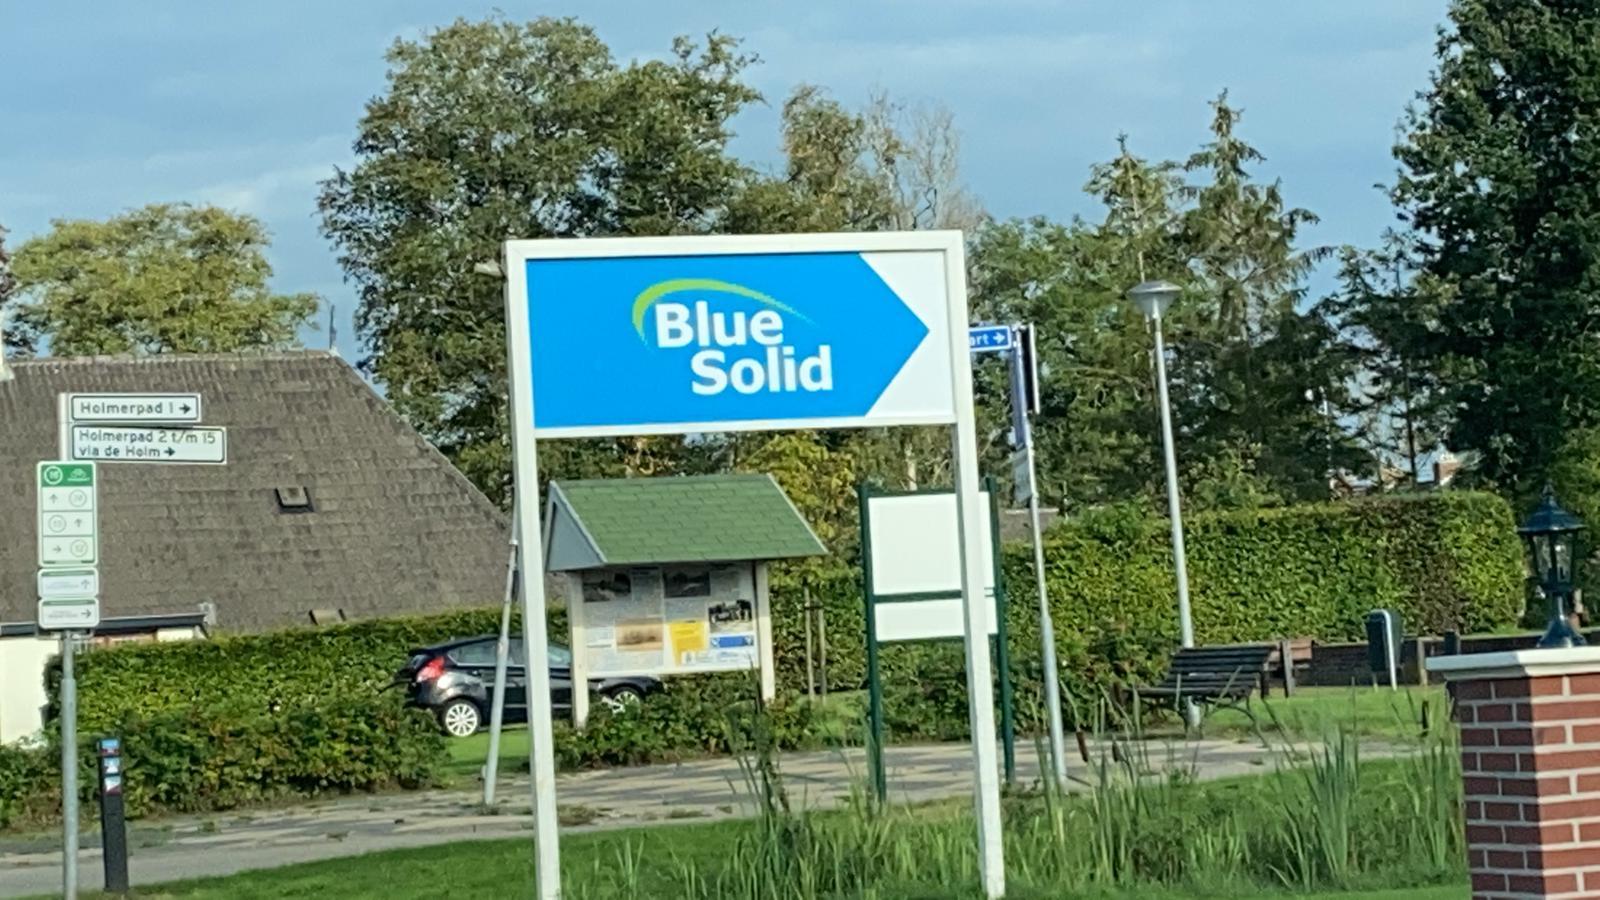 Op weg naar BlueSolid